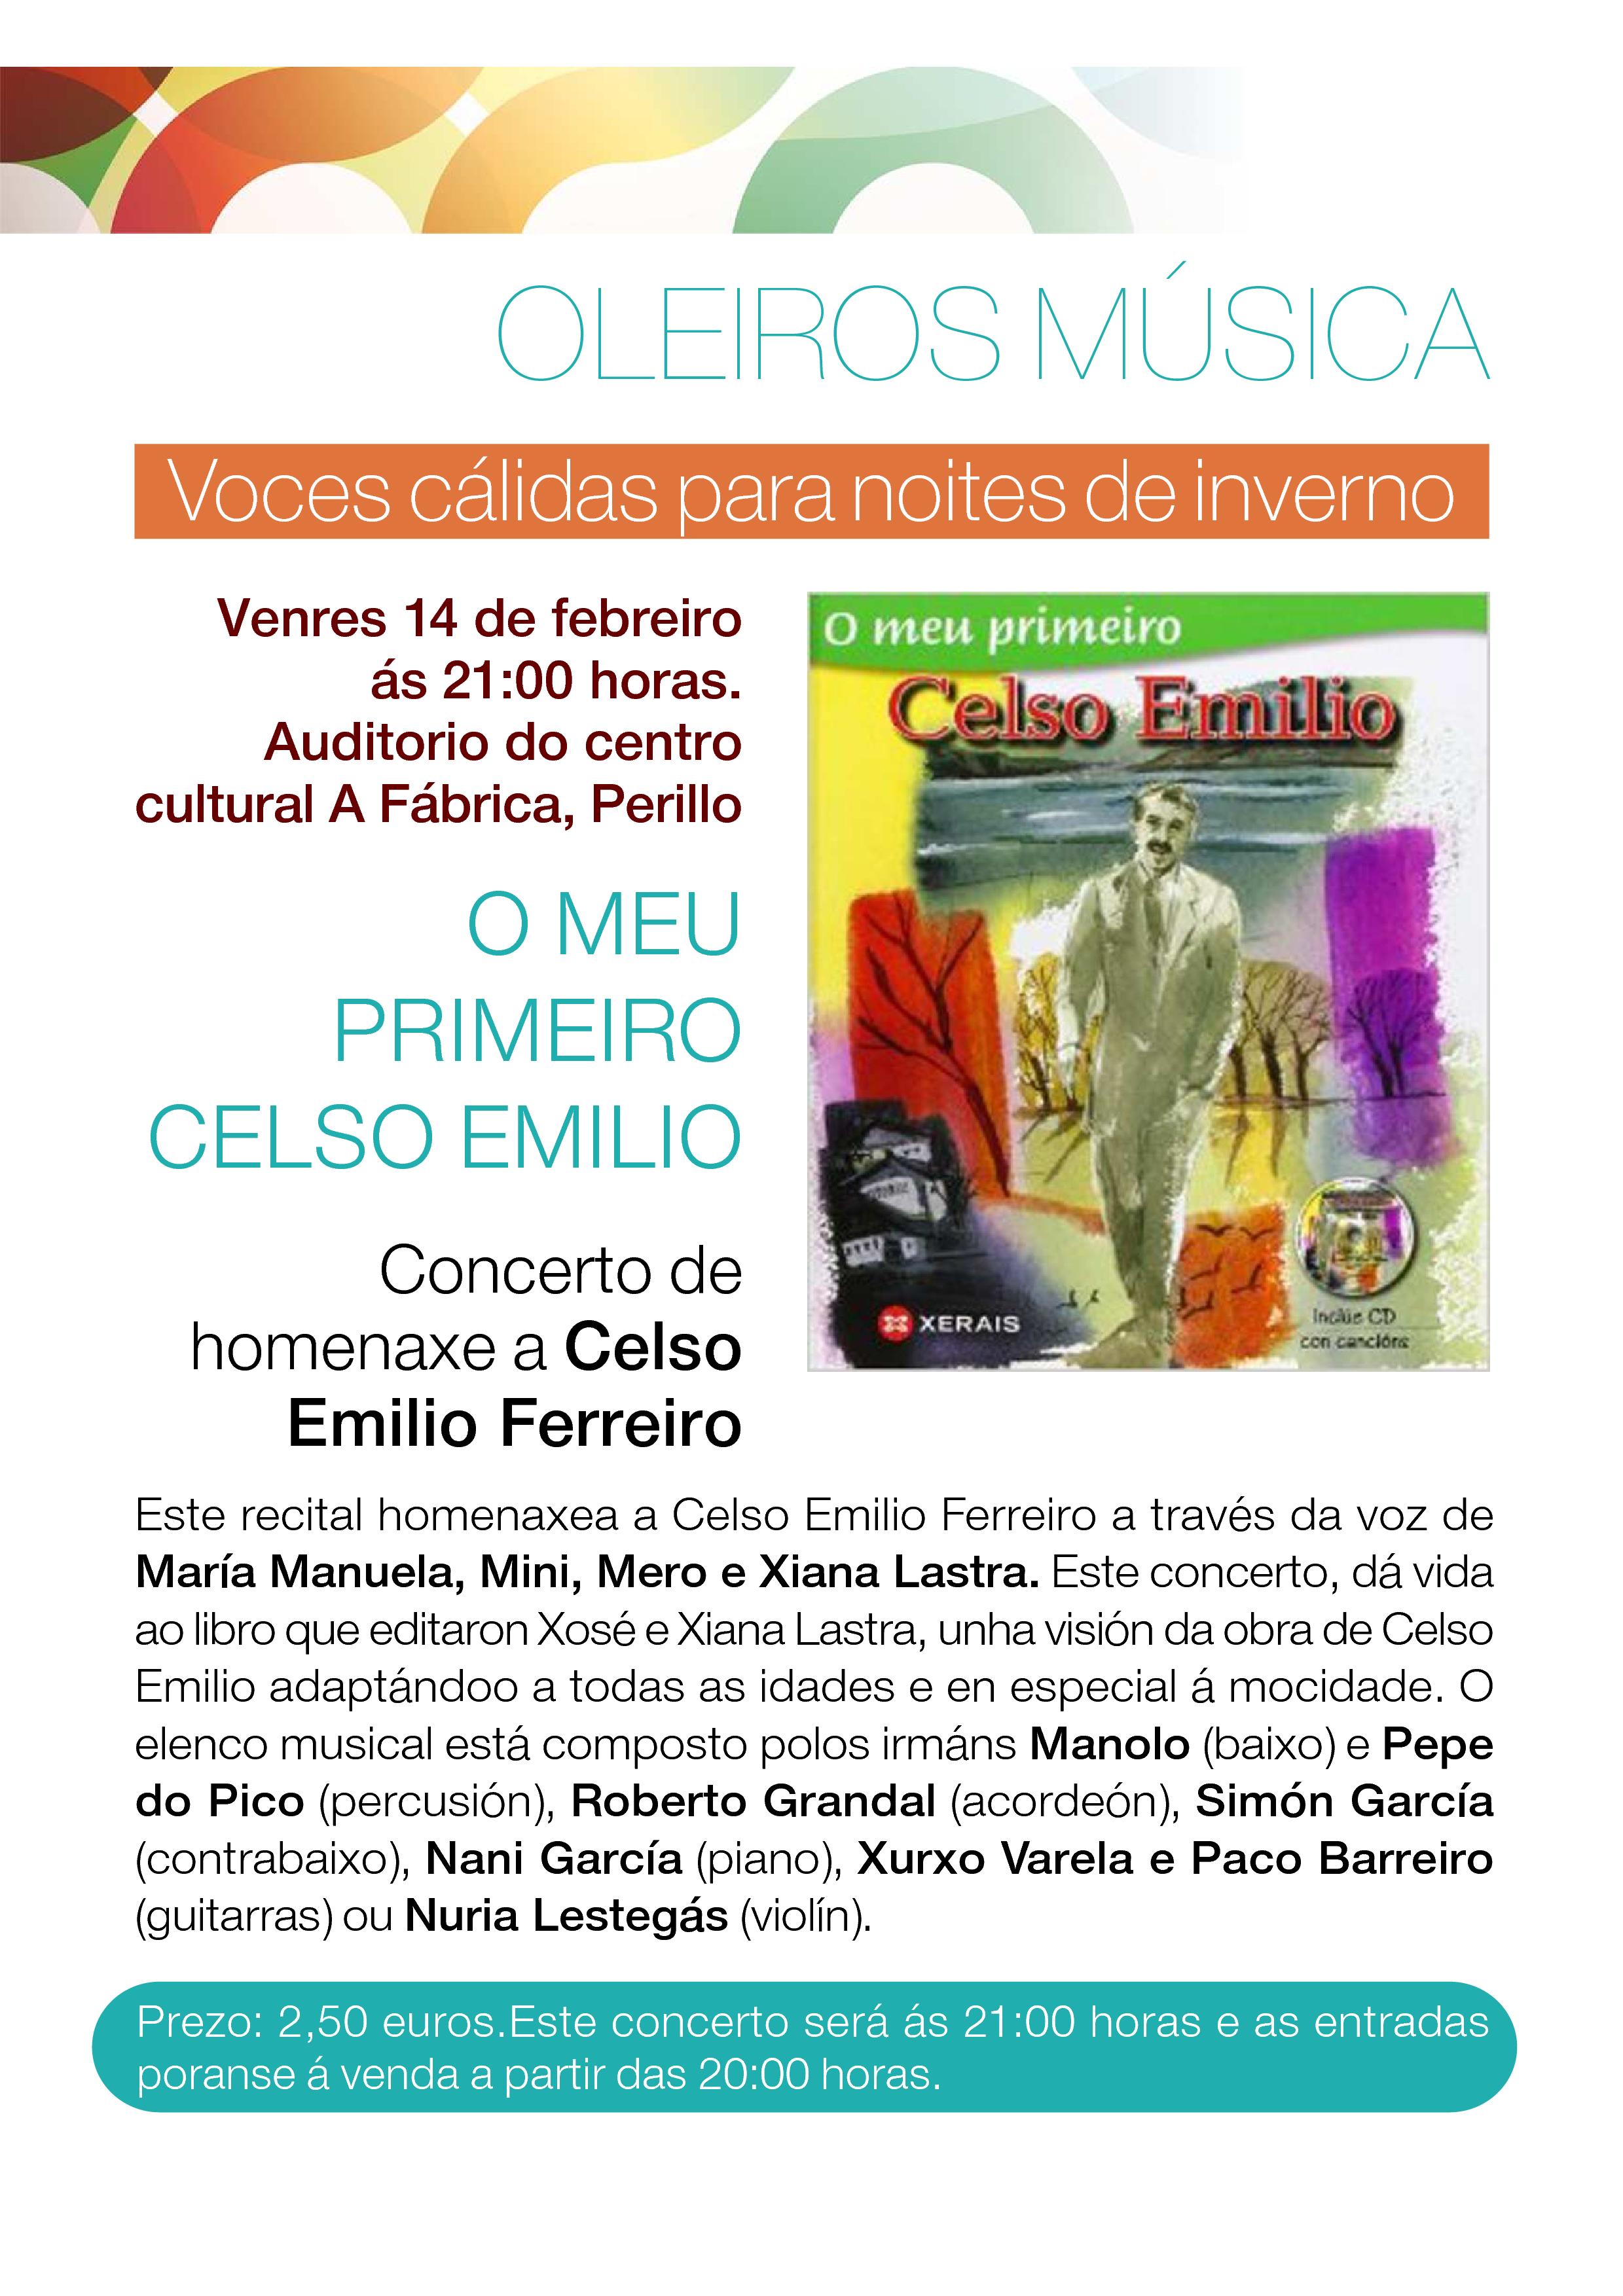 O meu primeiro Celso Emilio Ferreiro